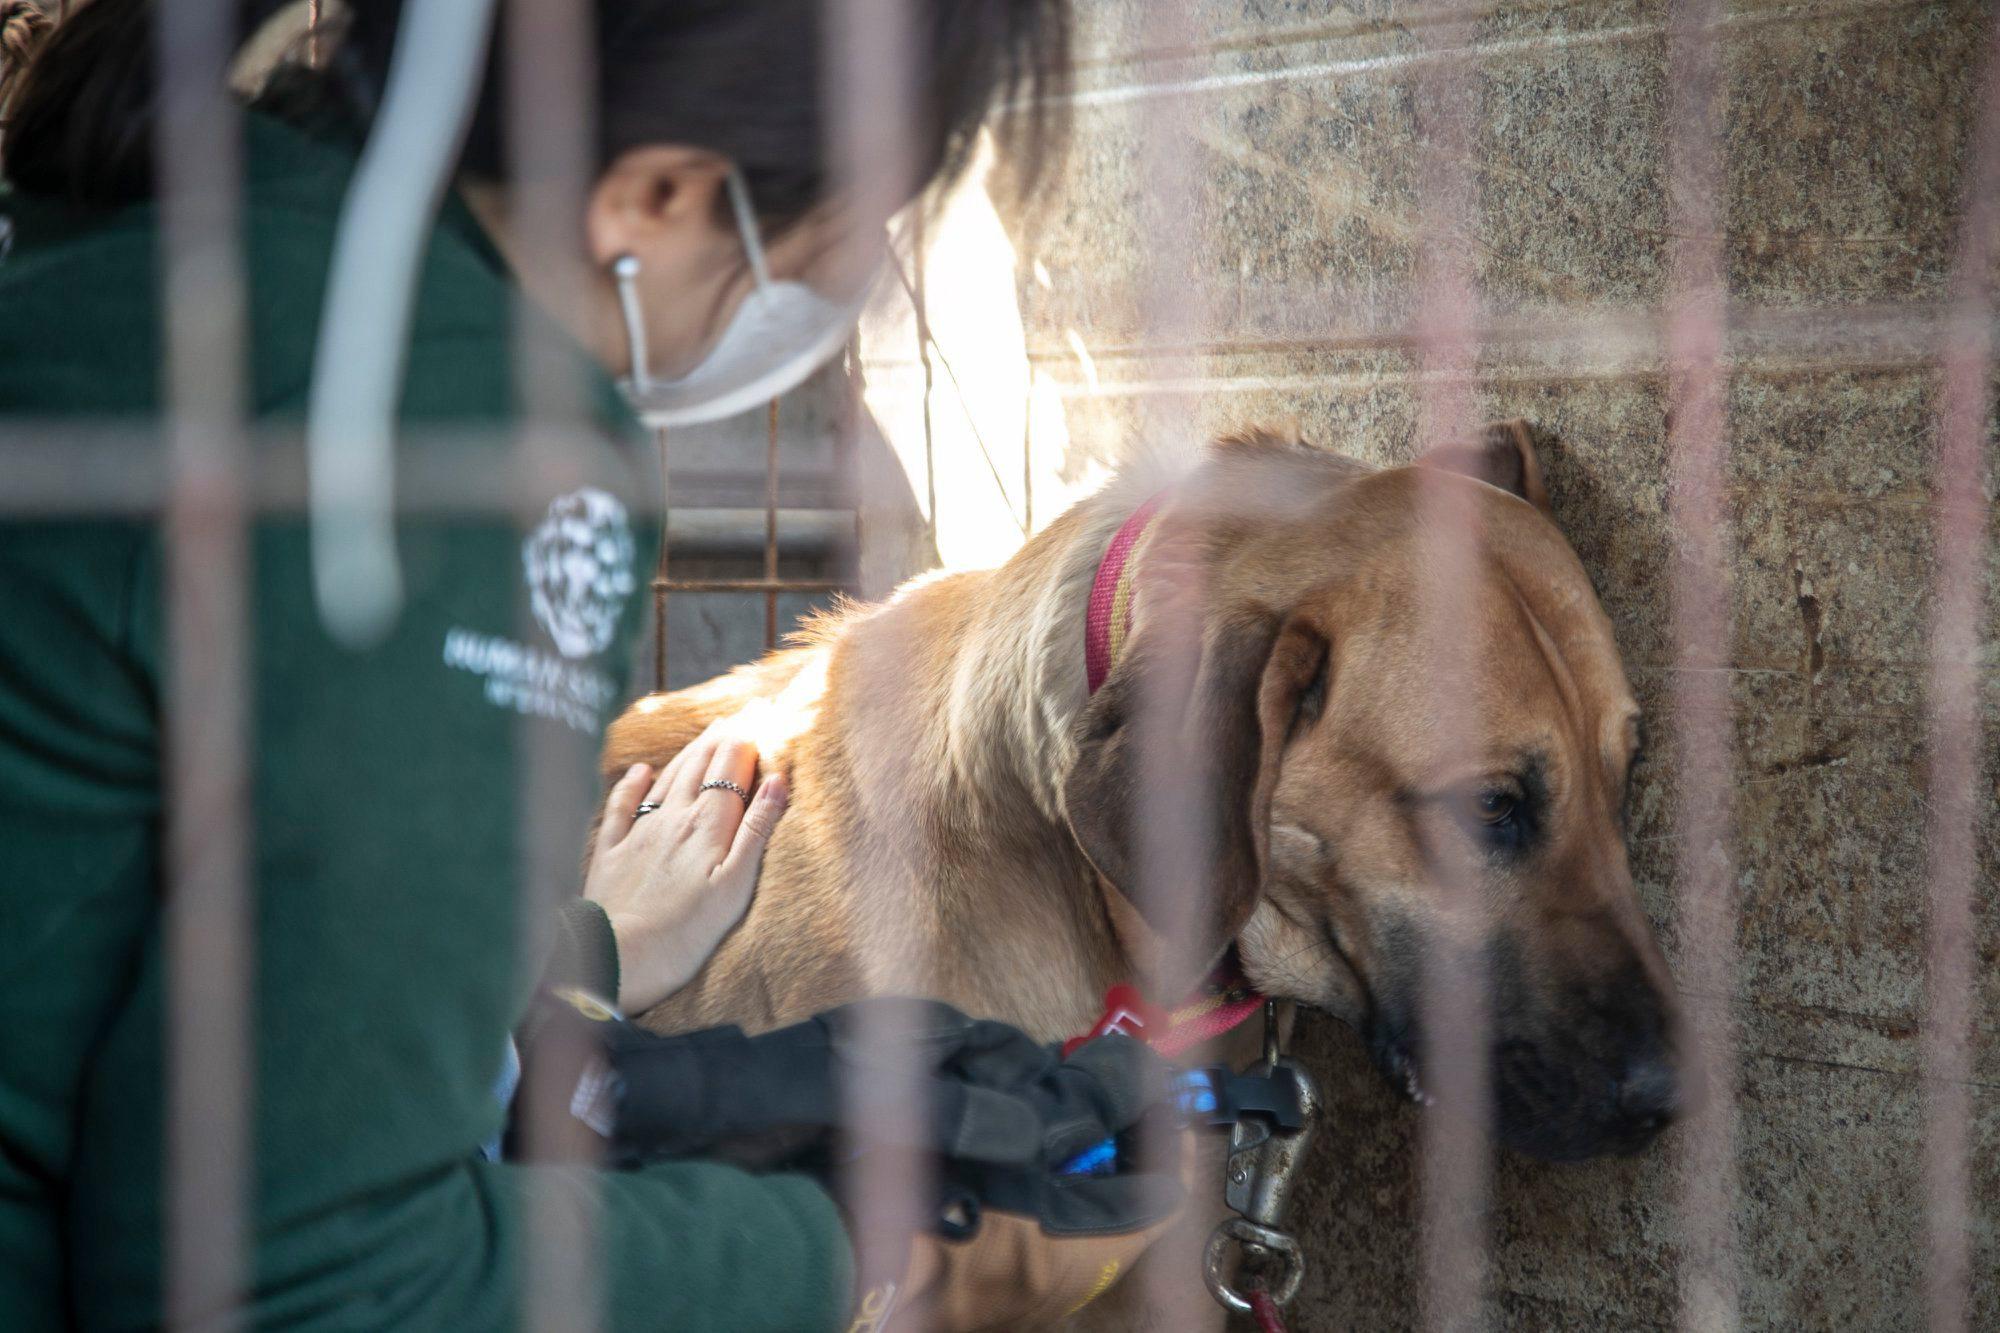 Những hình ảnh gây sốc trong hành trình giải cứu những chú chó khỏi lò mổ - Ảnh 11.